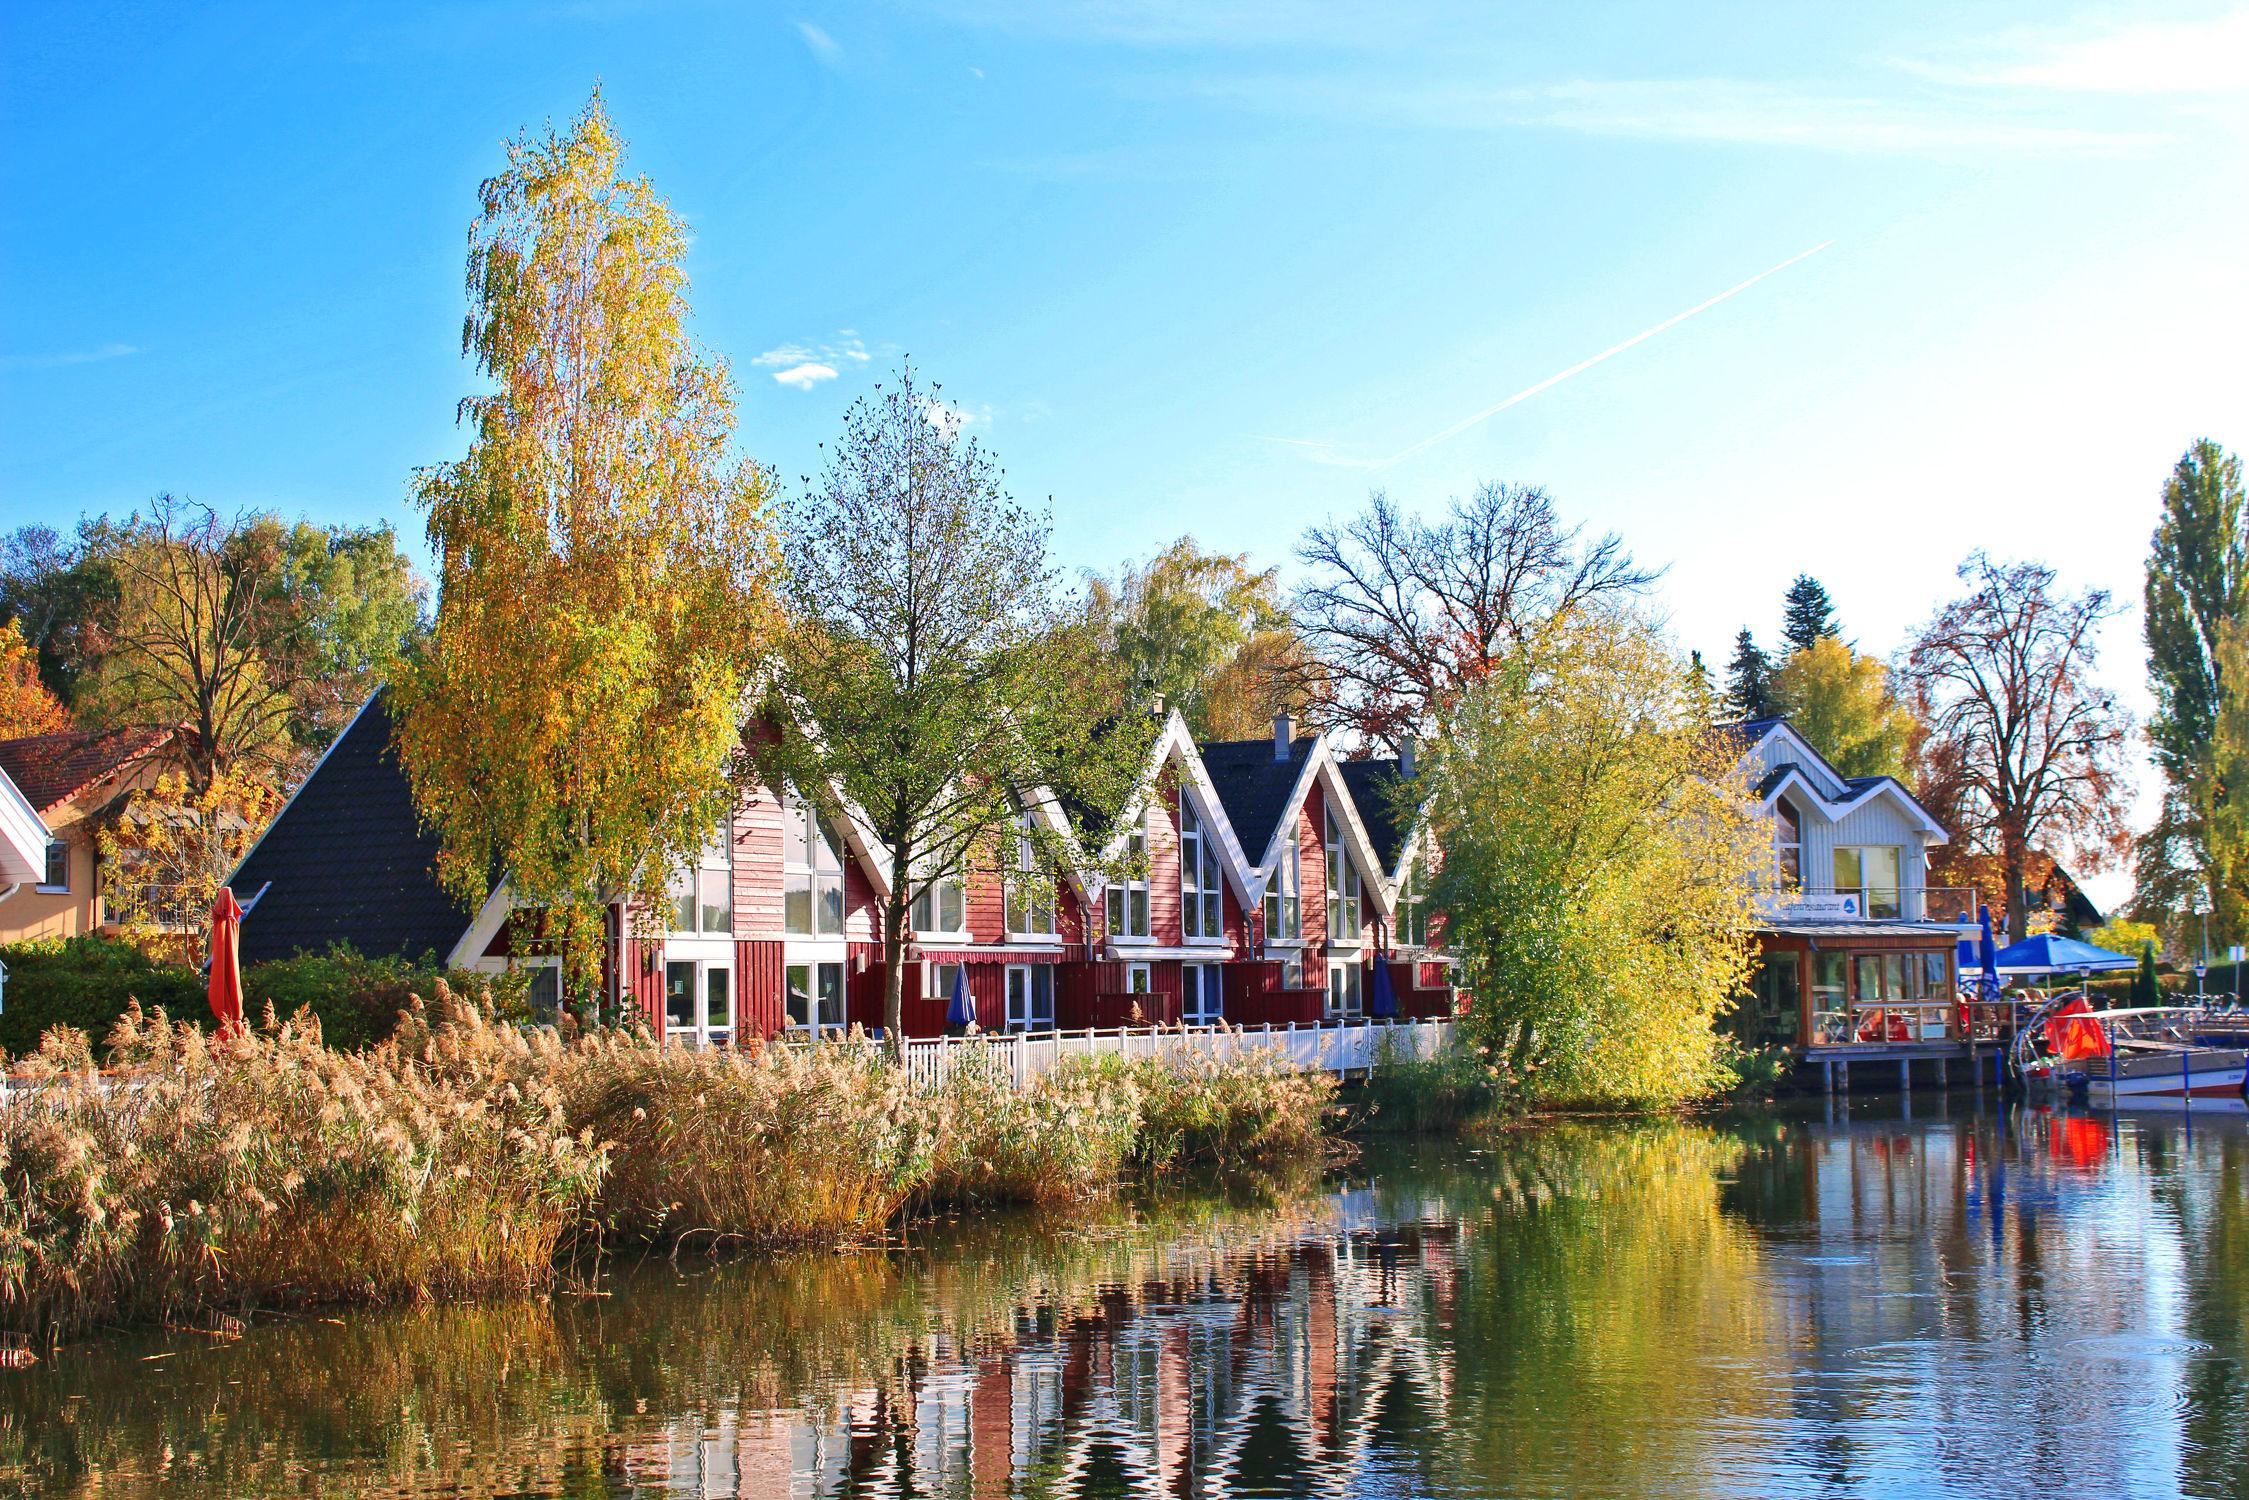 Bild mit Landschaften, Gewässer, Häuser, Häfen, Haus, Seeblick, See, Scharmützelsee, Haus am See, Spiegelung, Reihenhaus, Reihenhäuser